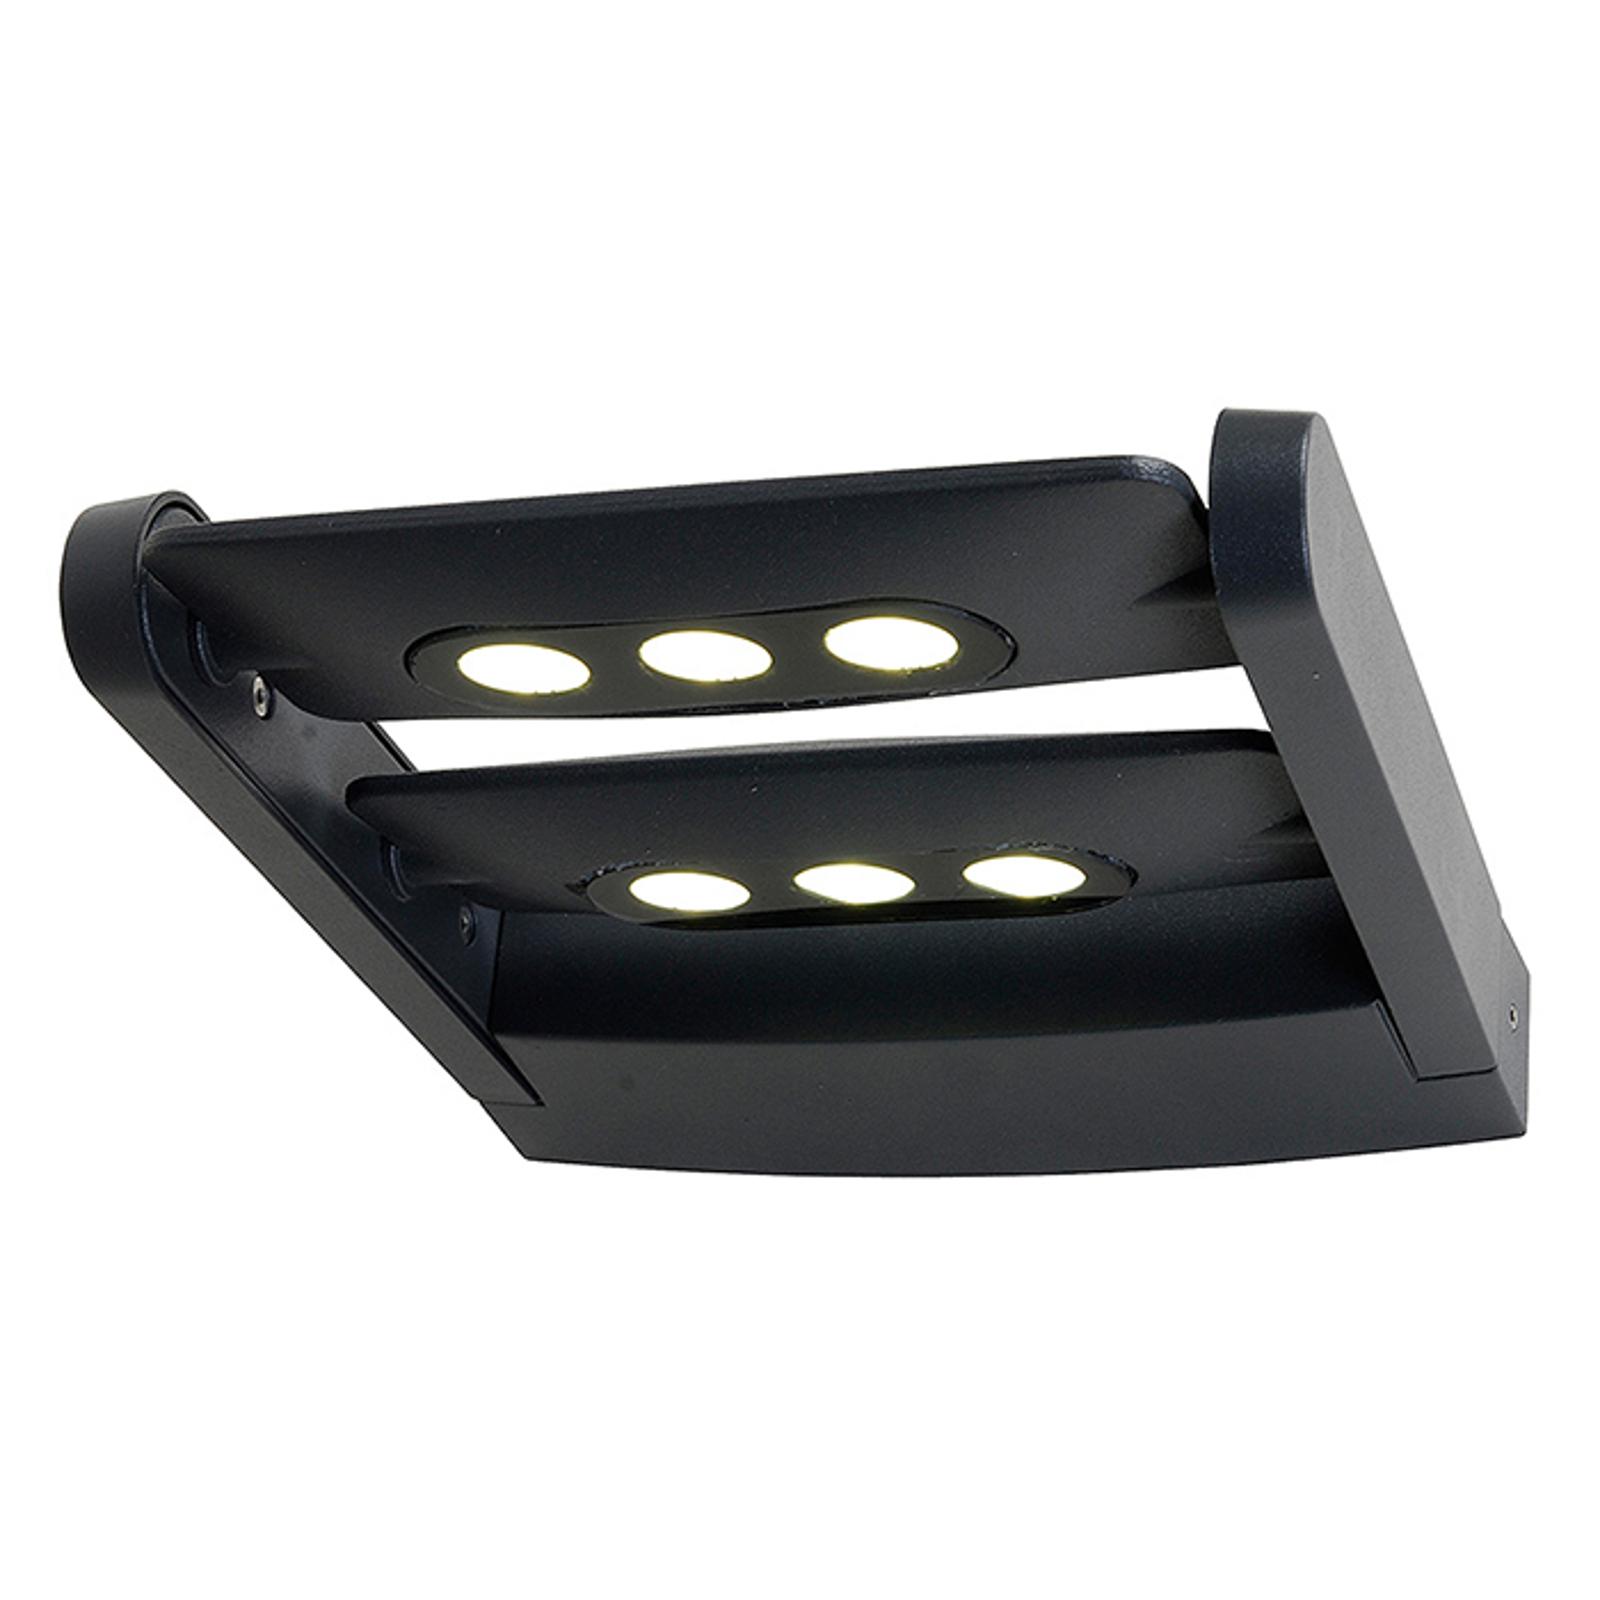 Udendørs vægspot Keiran Duo, m. 6 Power LED'er